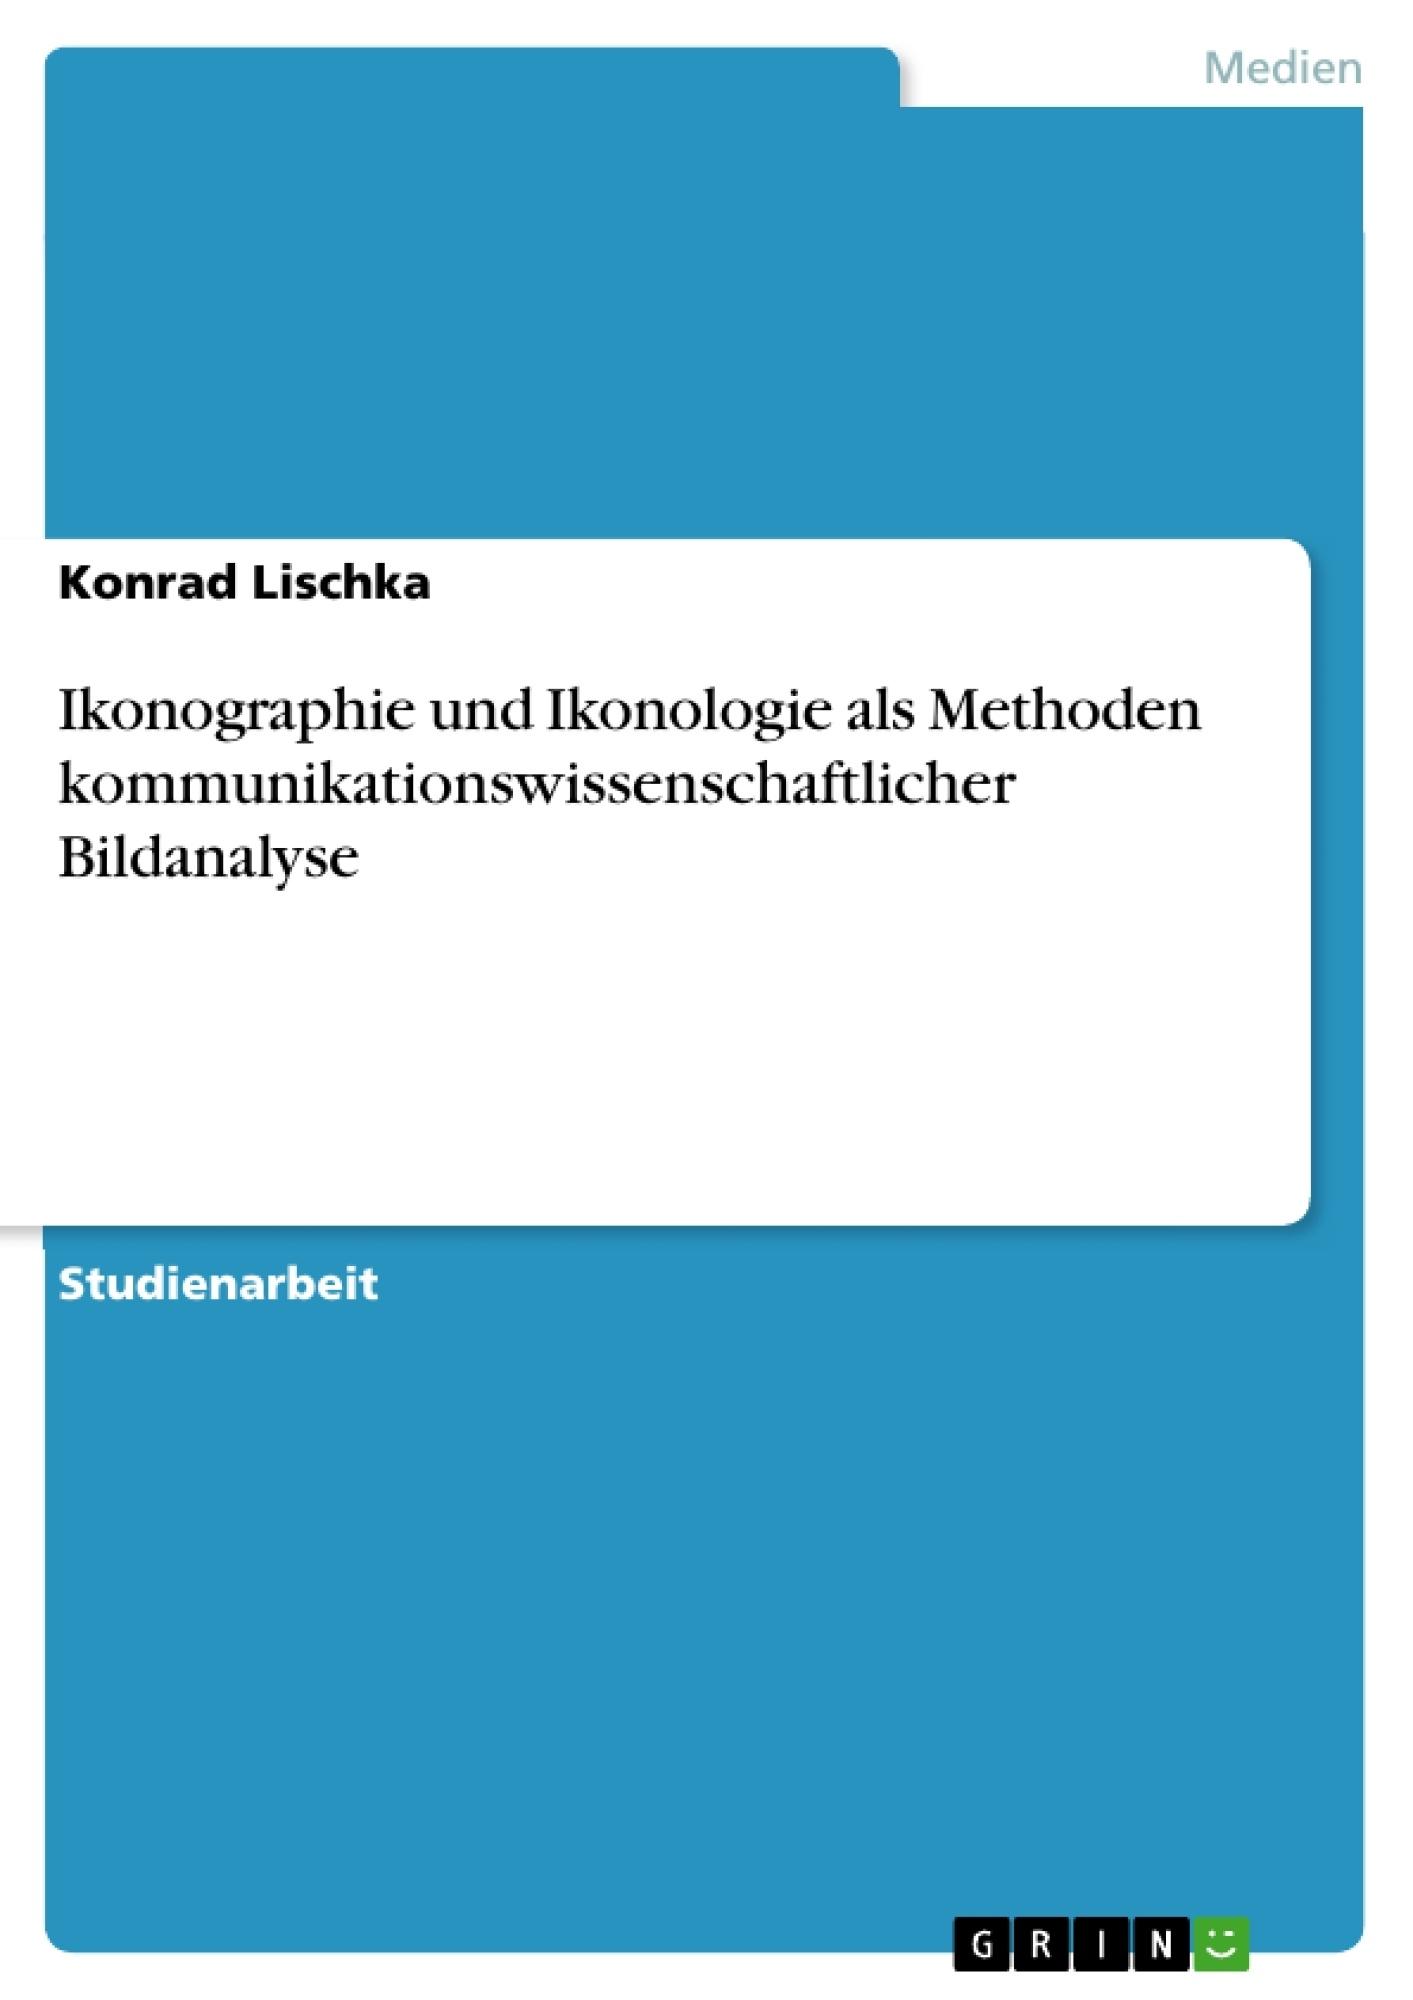 Titel: Ikonographie und Ikonologie als Methoden kommunikationswissenschaftlicher Bildanalyse